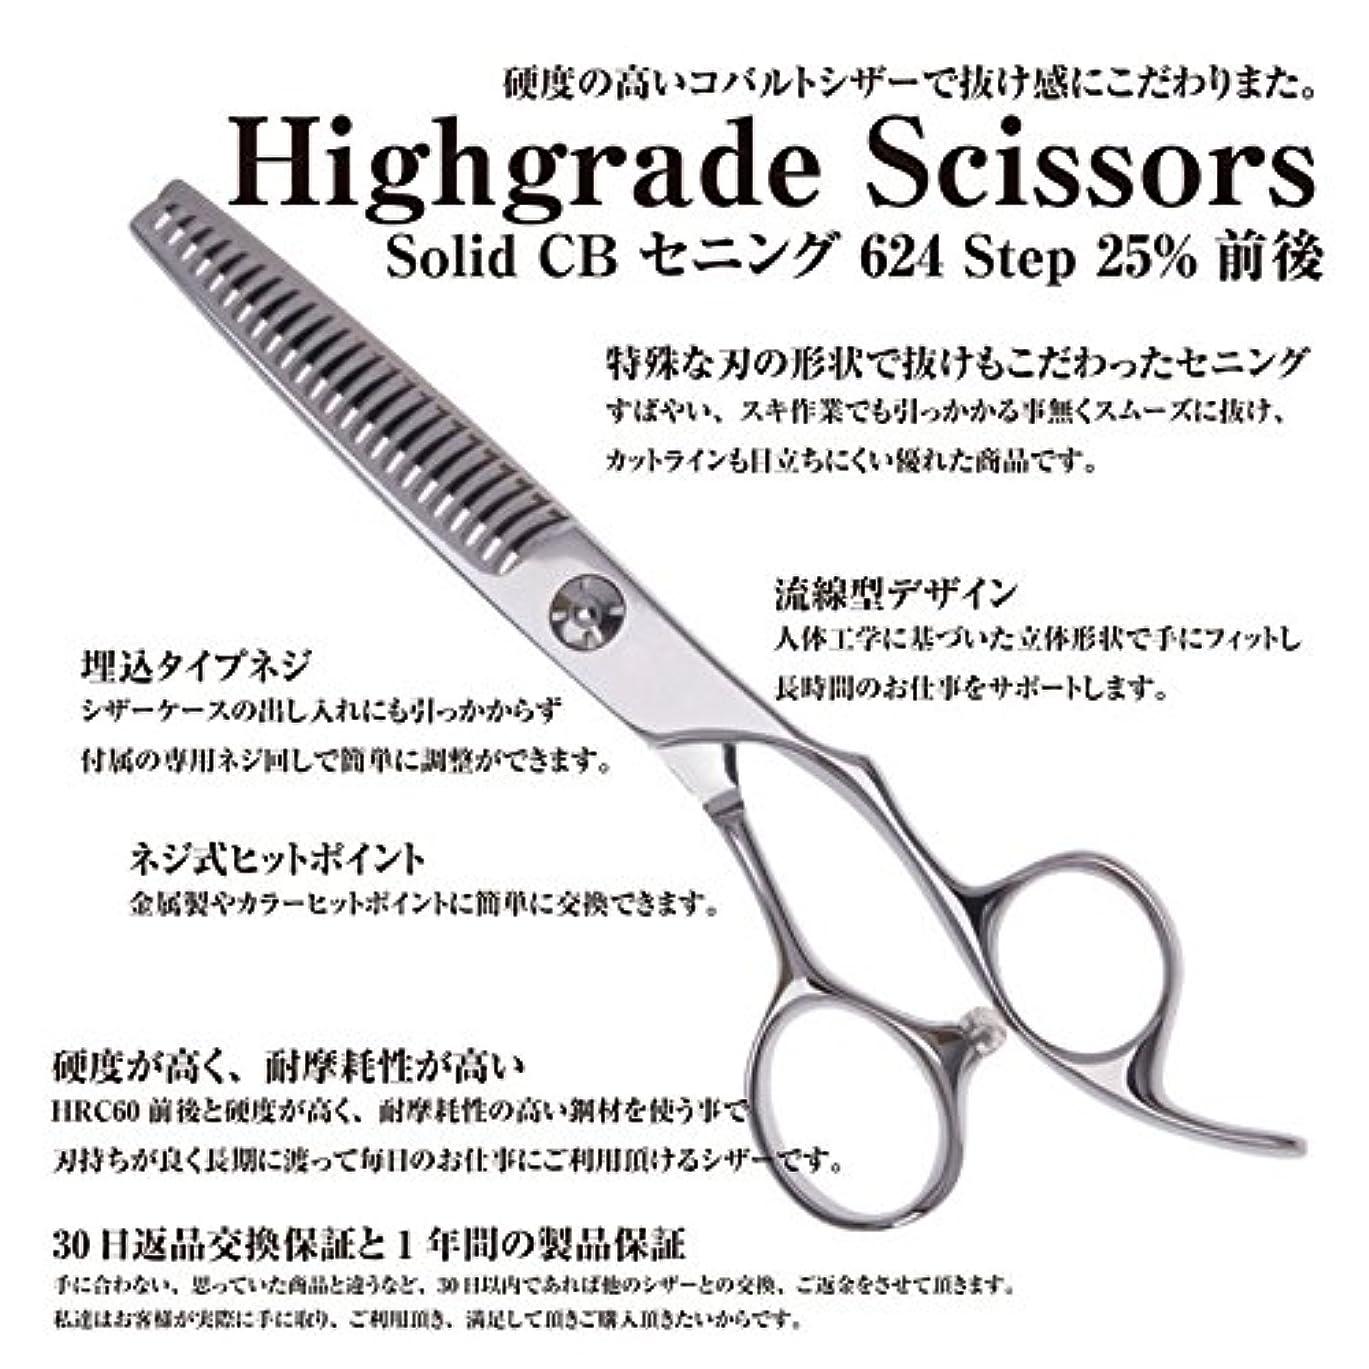 オフセット醜い頭痛Highgrade series Solid CB セニング 624 Step 25%前後/美容師 理容 理容師 散髪 はさみ すきばさみ セニング